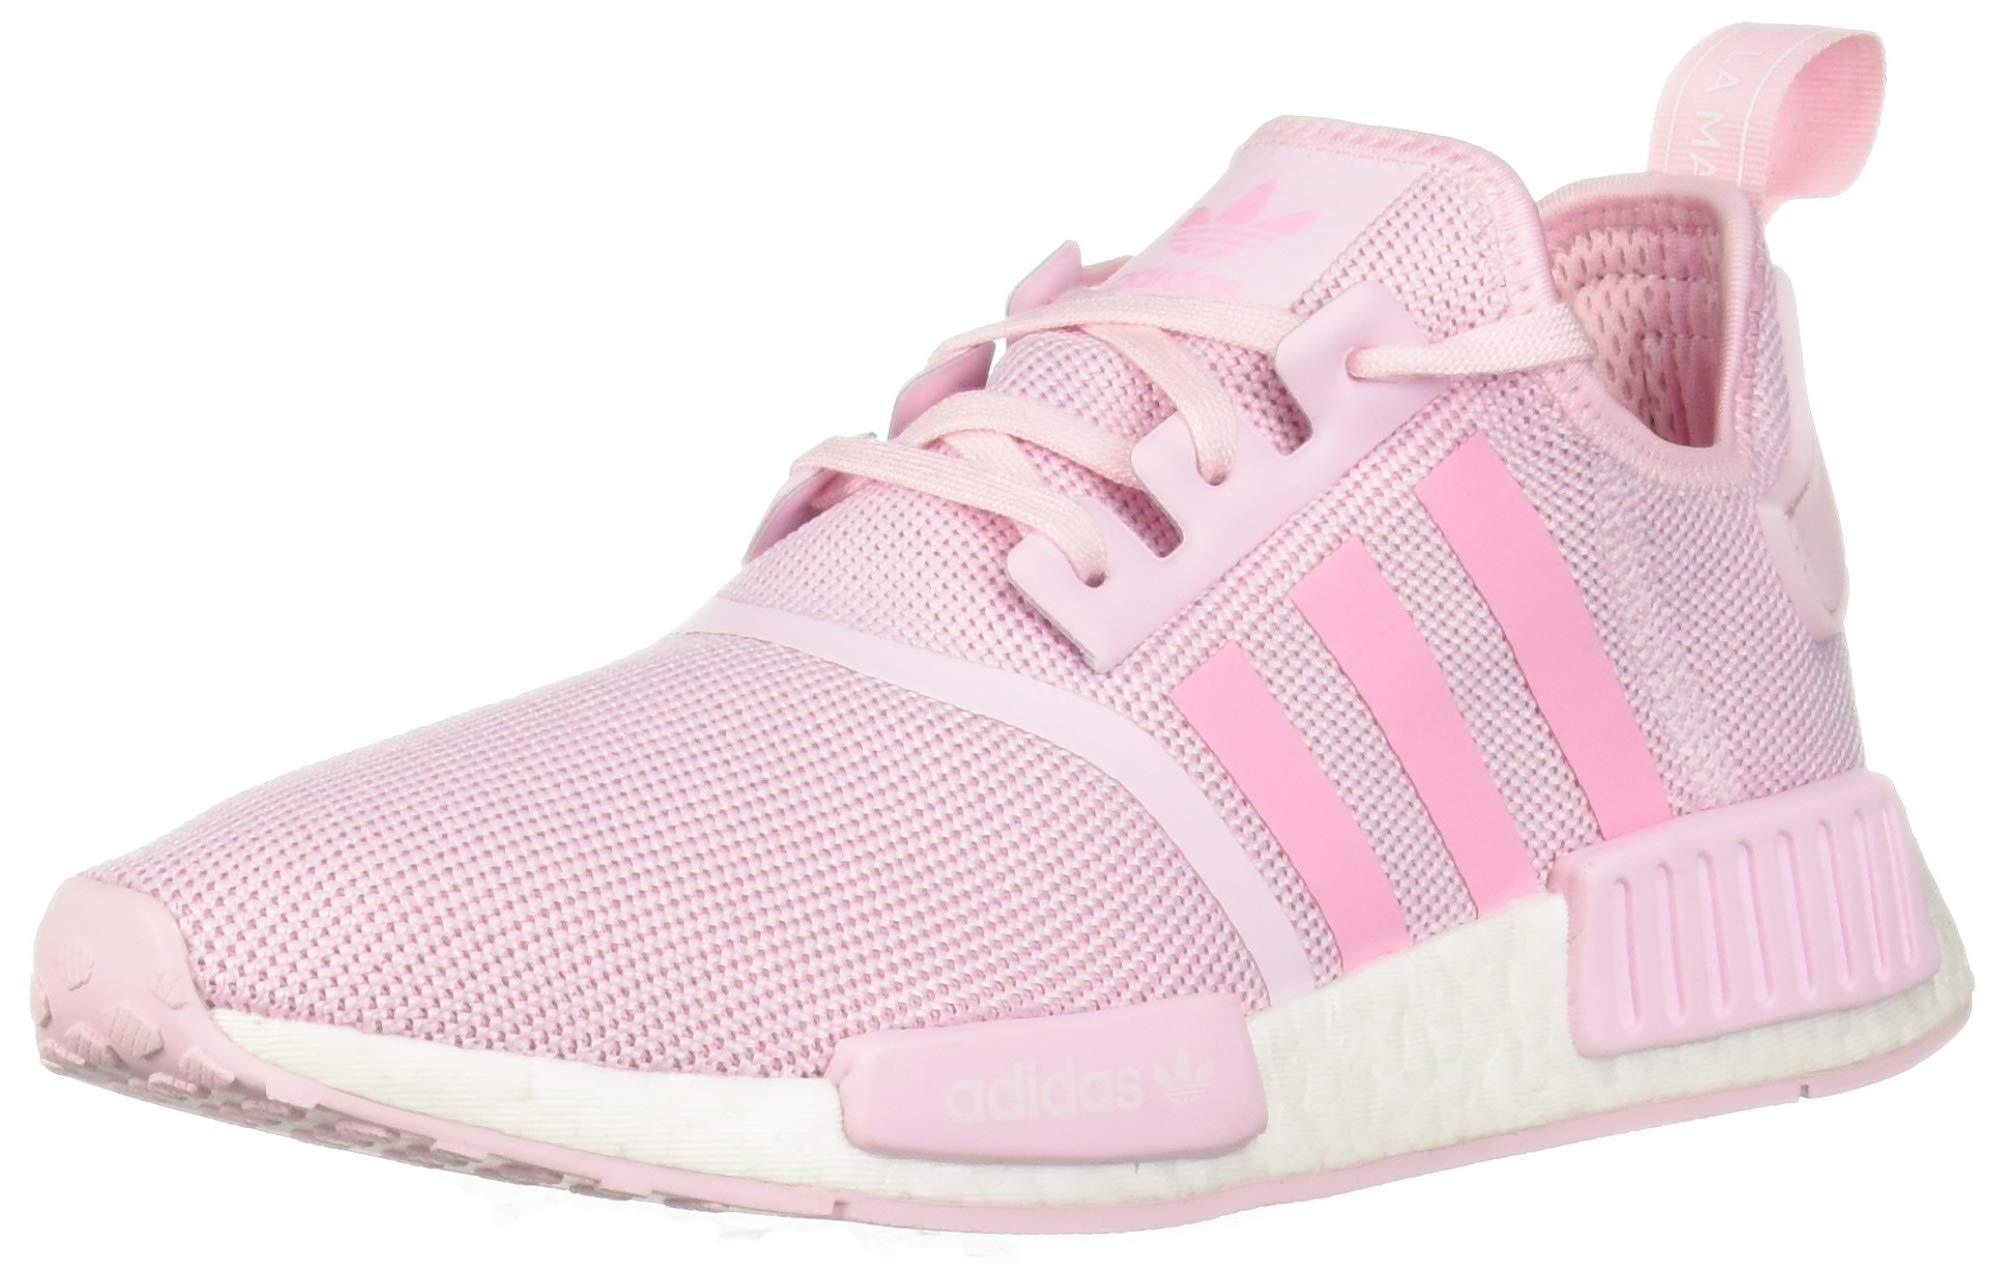 adidas Originals Unisex-Kid's NMD_R1 Running Shoe, Clear Pink/Shock Pink/White, 7 M US Big Kid by adidas Originals